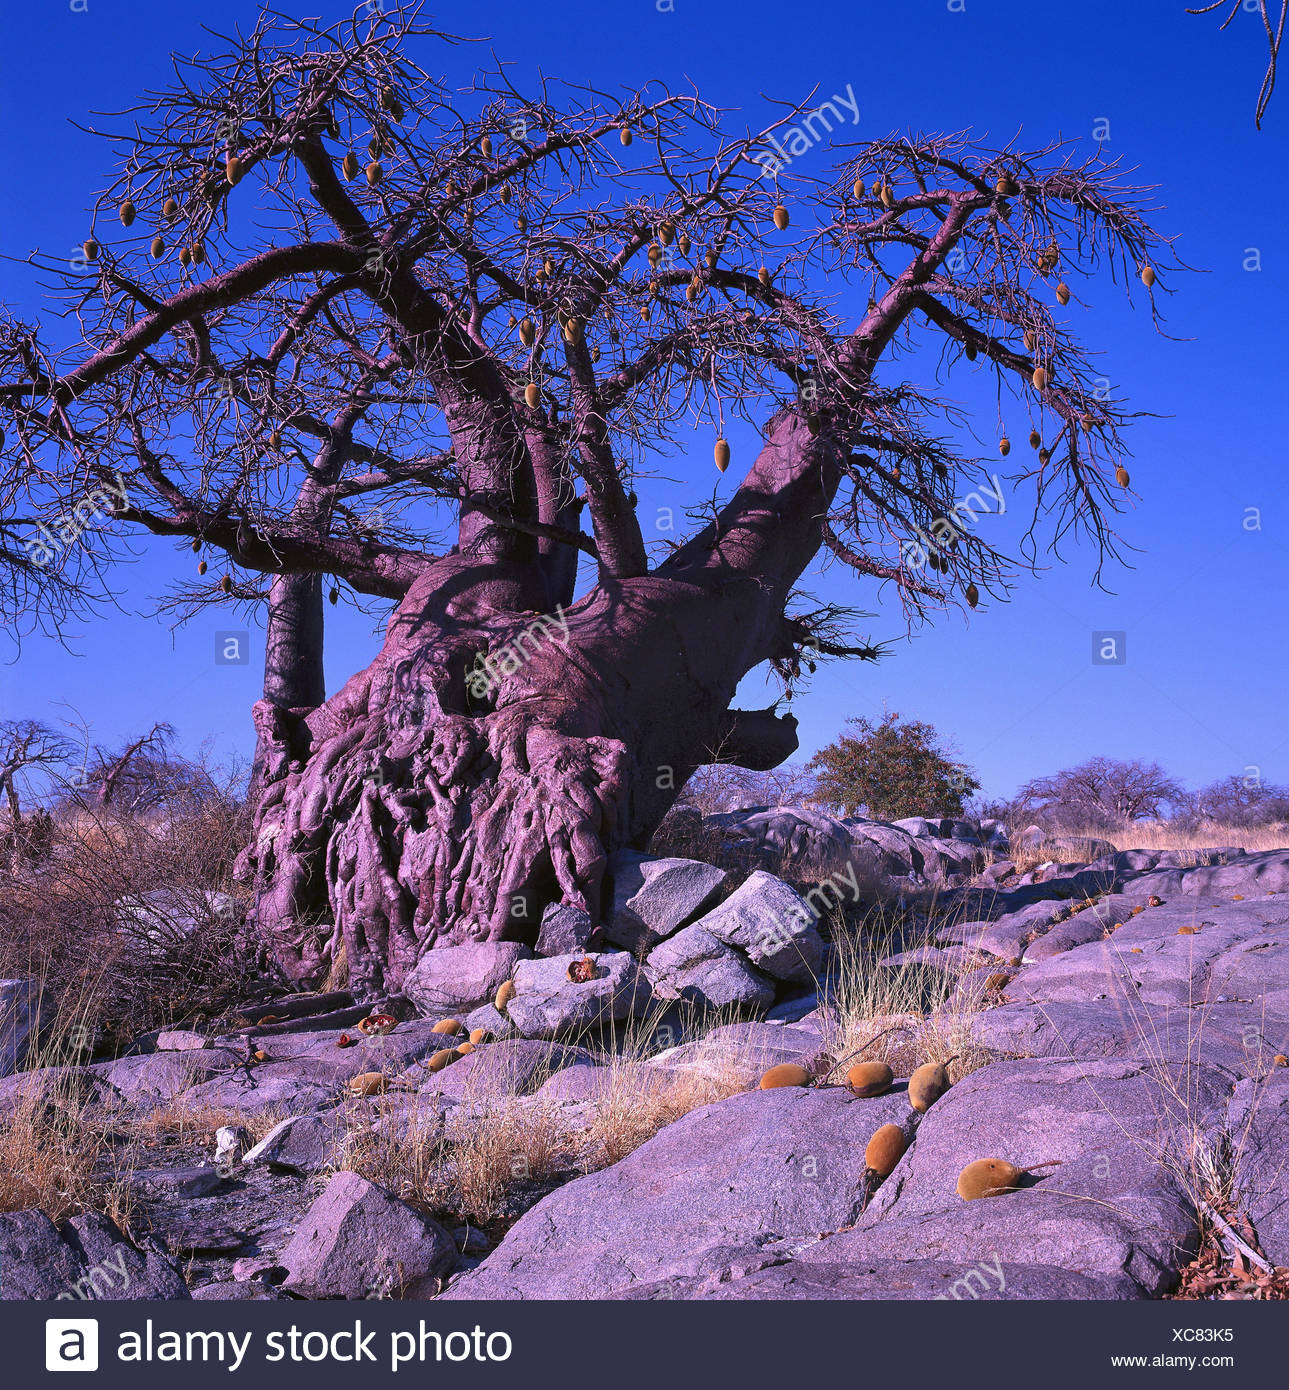 Africa, Botswana, Makgadikgadi, baobab wild nature reserve, Sowa Pan, Kubu Iceland, entries in accordance with. Originator, African baobab, Baobab, Adonsonia digitata, Adansonia, type of tree, wool tree plant genus, steppe tree, tree, steppe trees, trees, sunlight - Stock Image